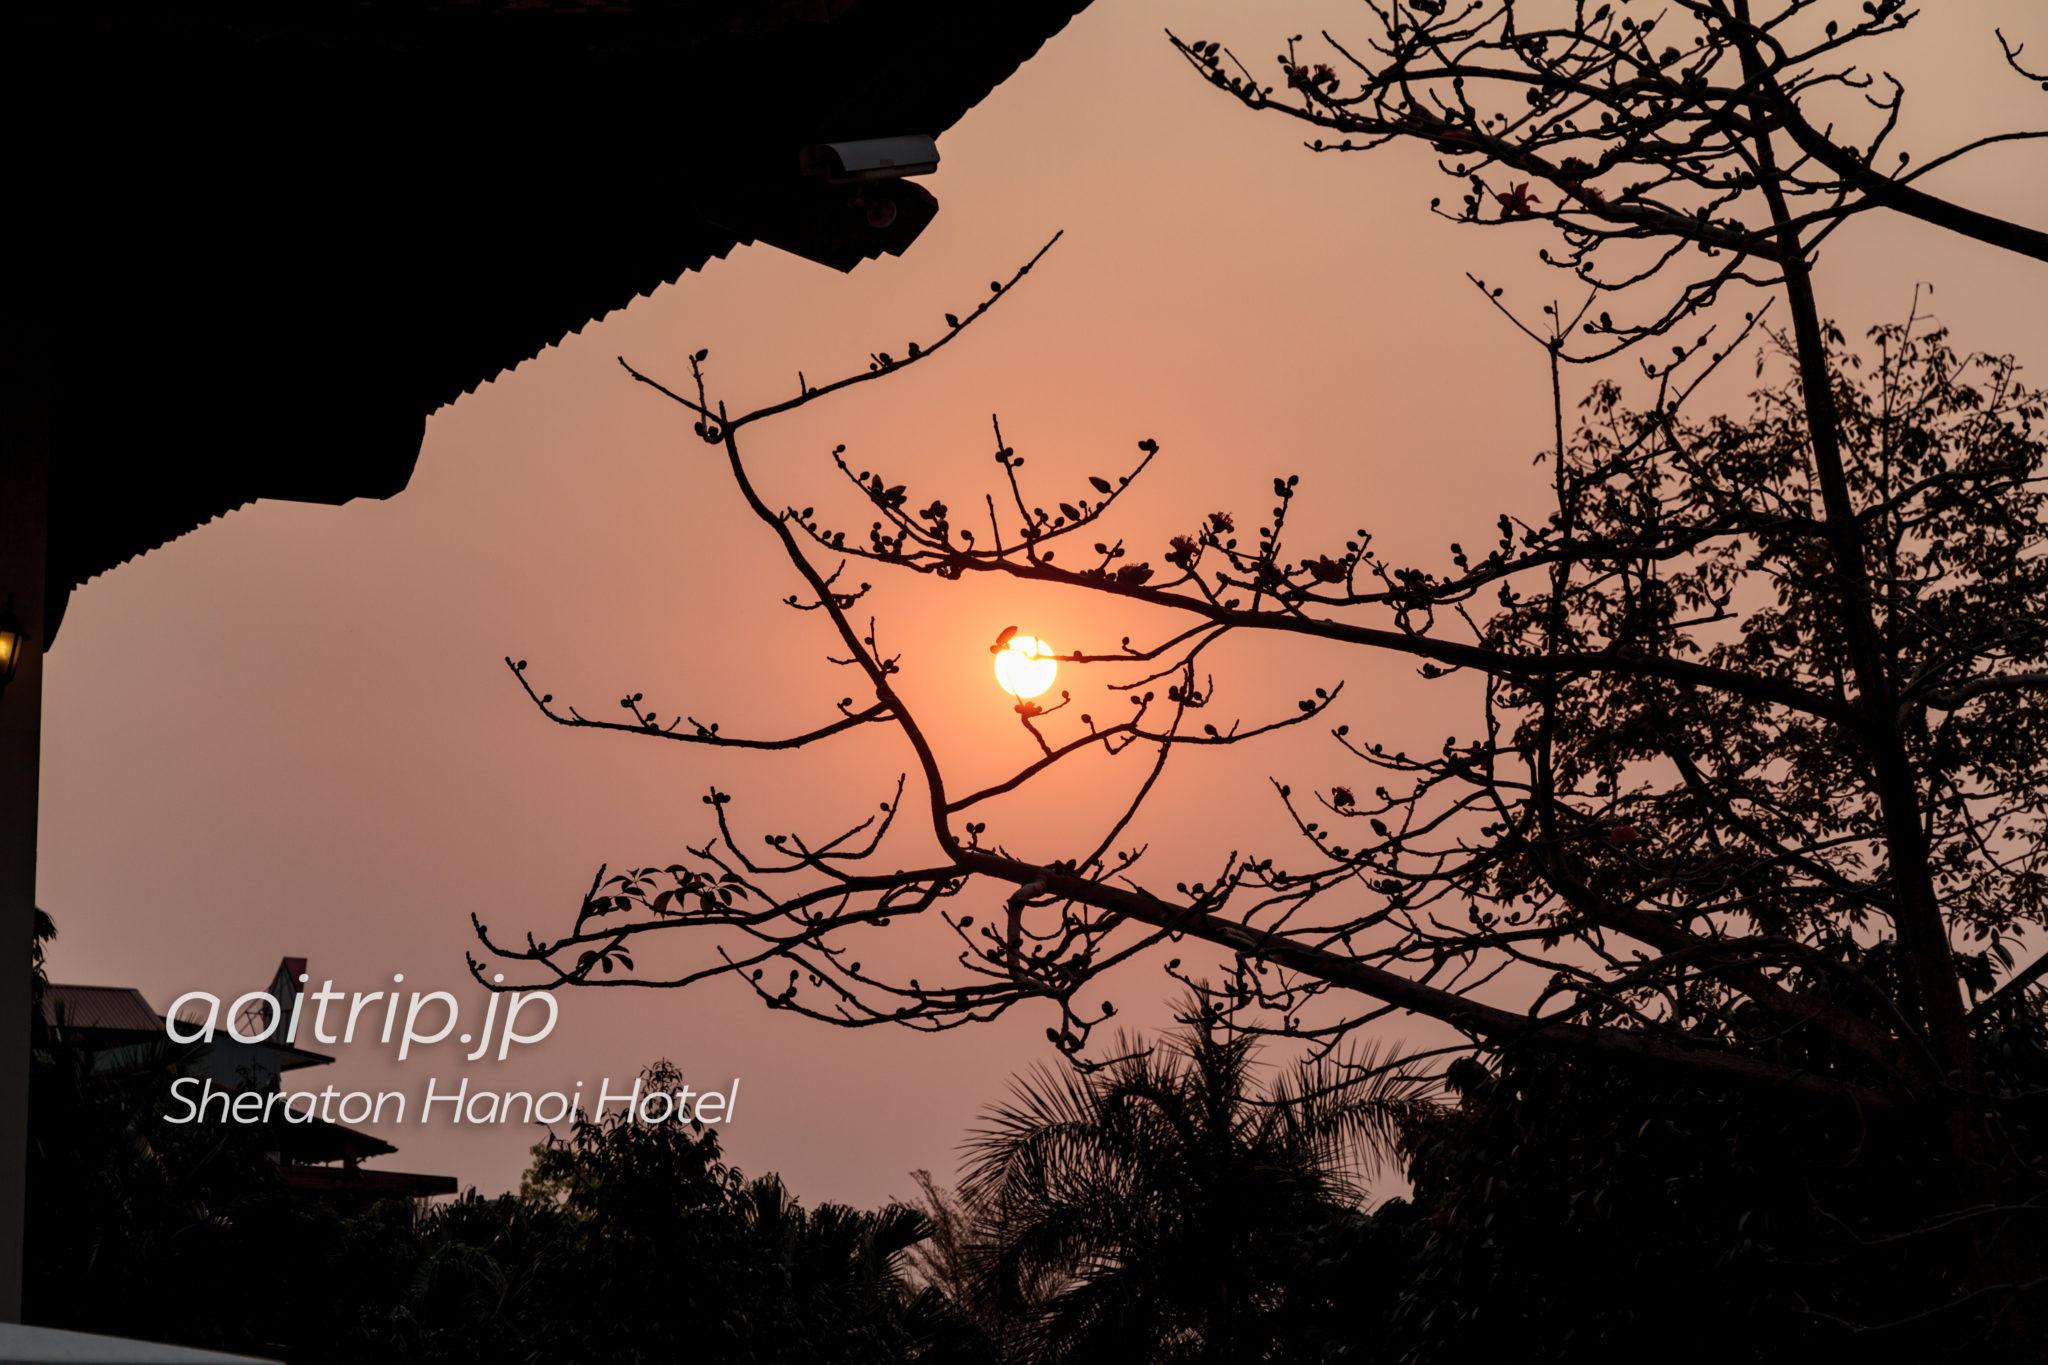 シェラトンハノイホテル敷地から見る夕日